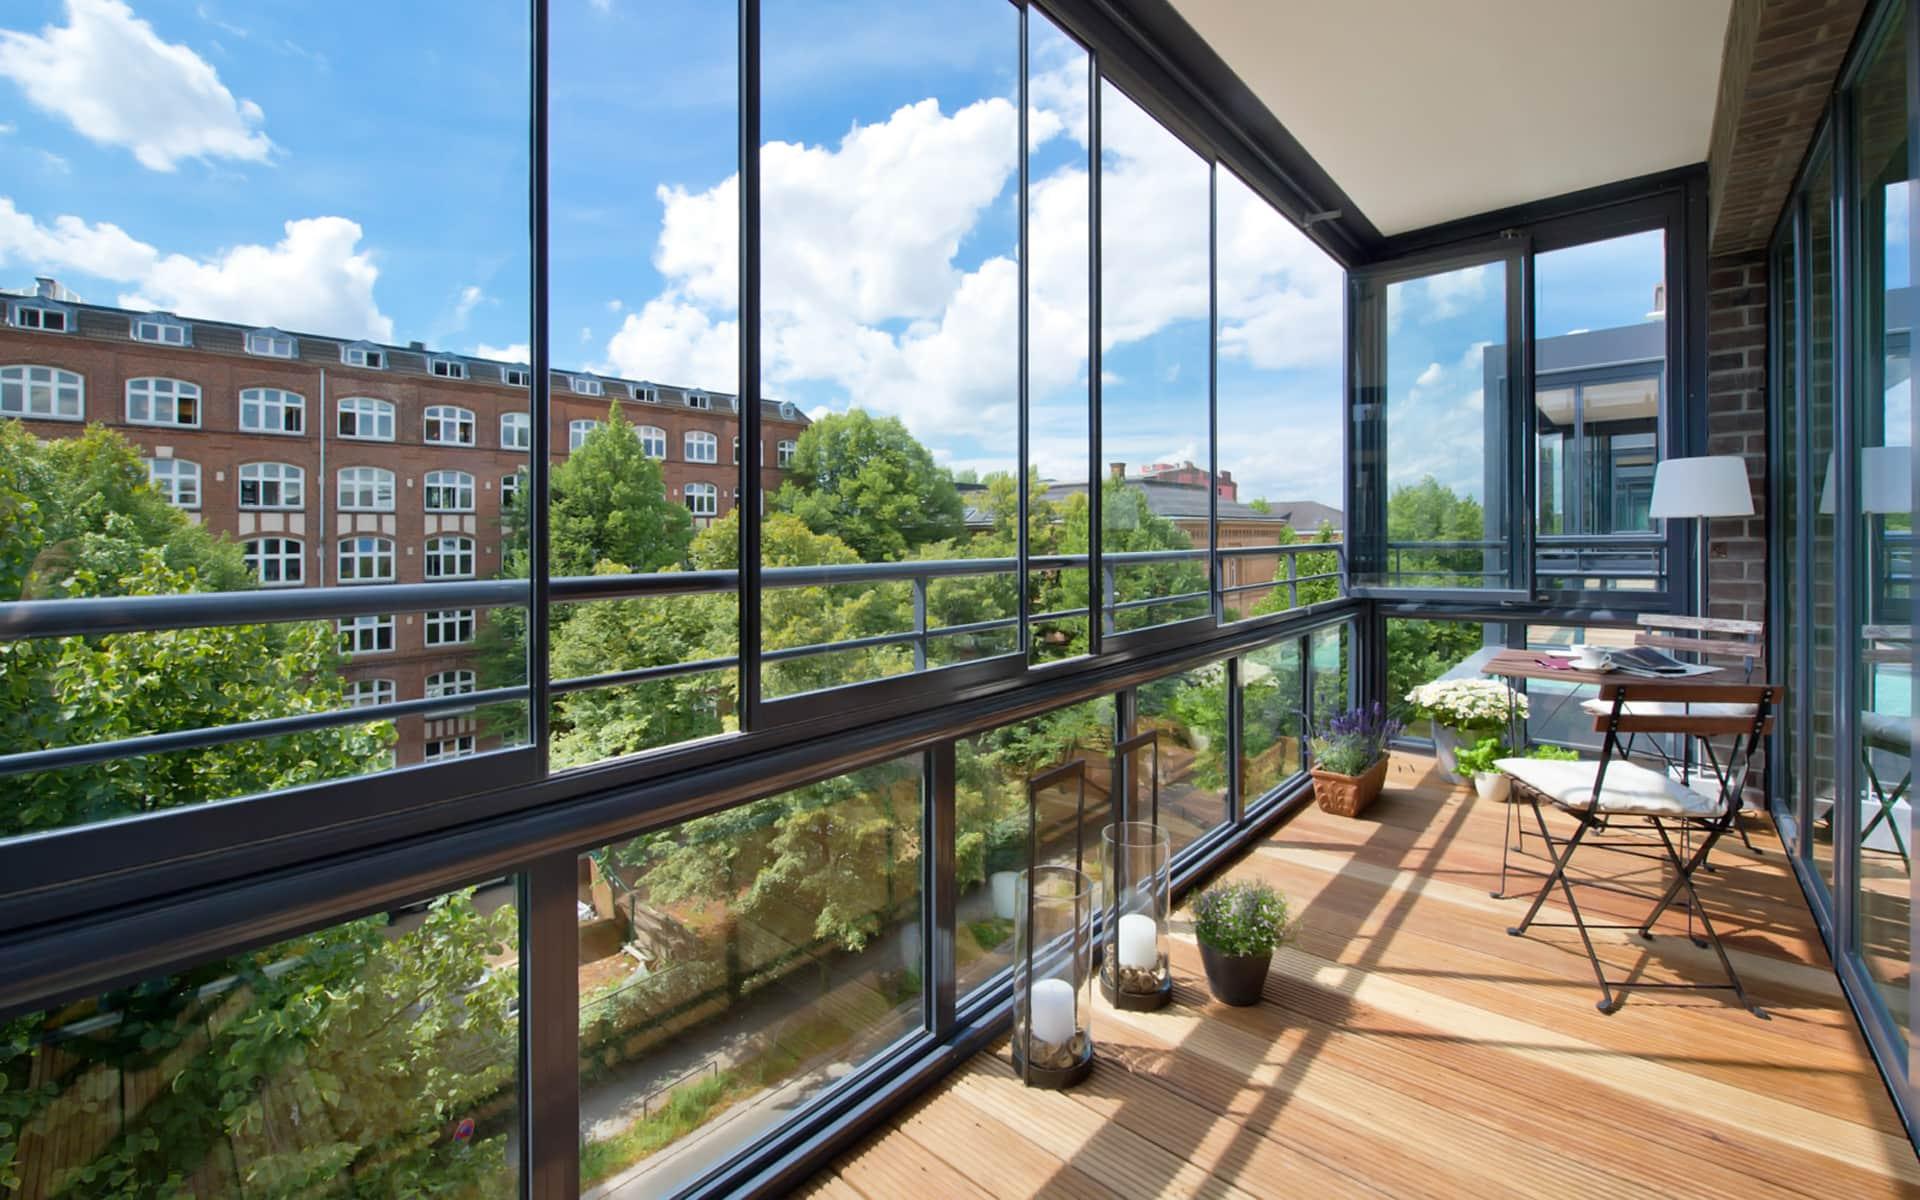 Balkonverglasungen sorgen für den Weitblick